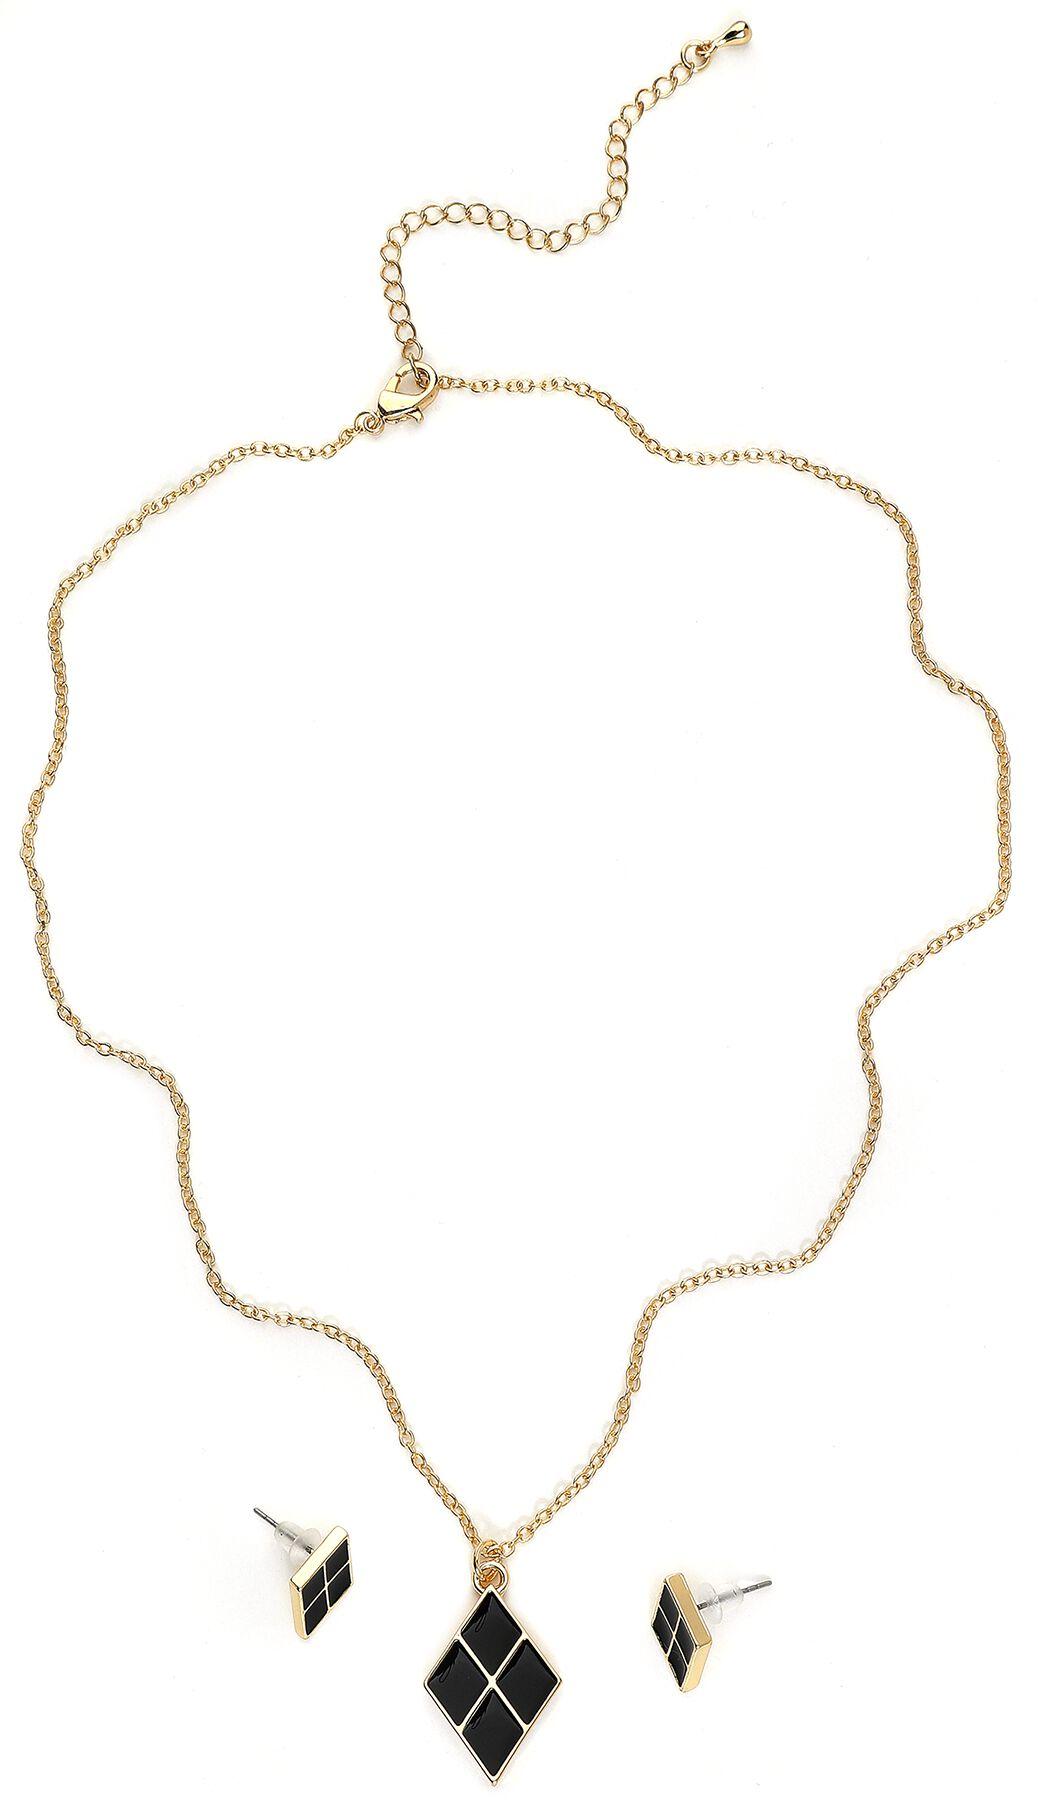 Marki - Biżuteria - komplety - Komplet biżuterii Harley Quinn Diamond Komplet biżuterii złoty - 368409